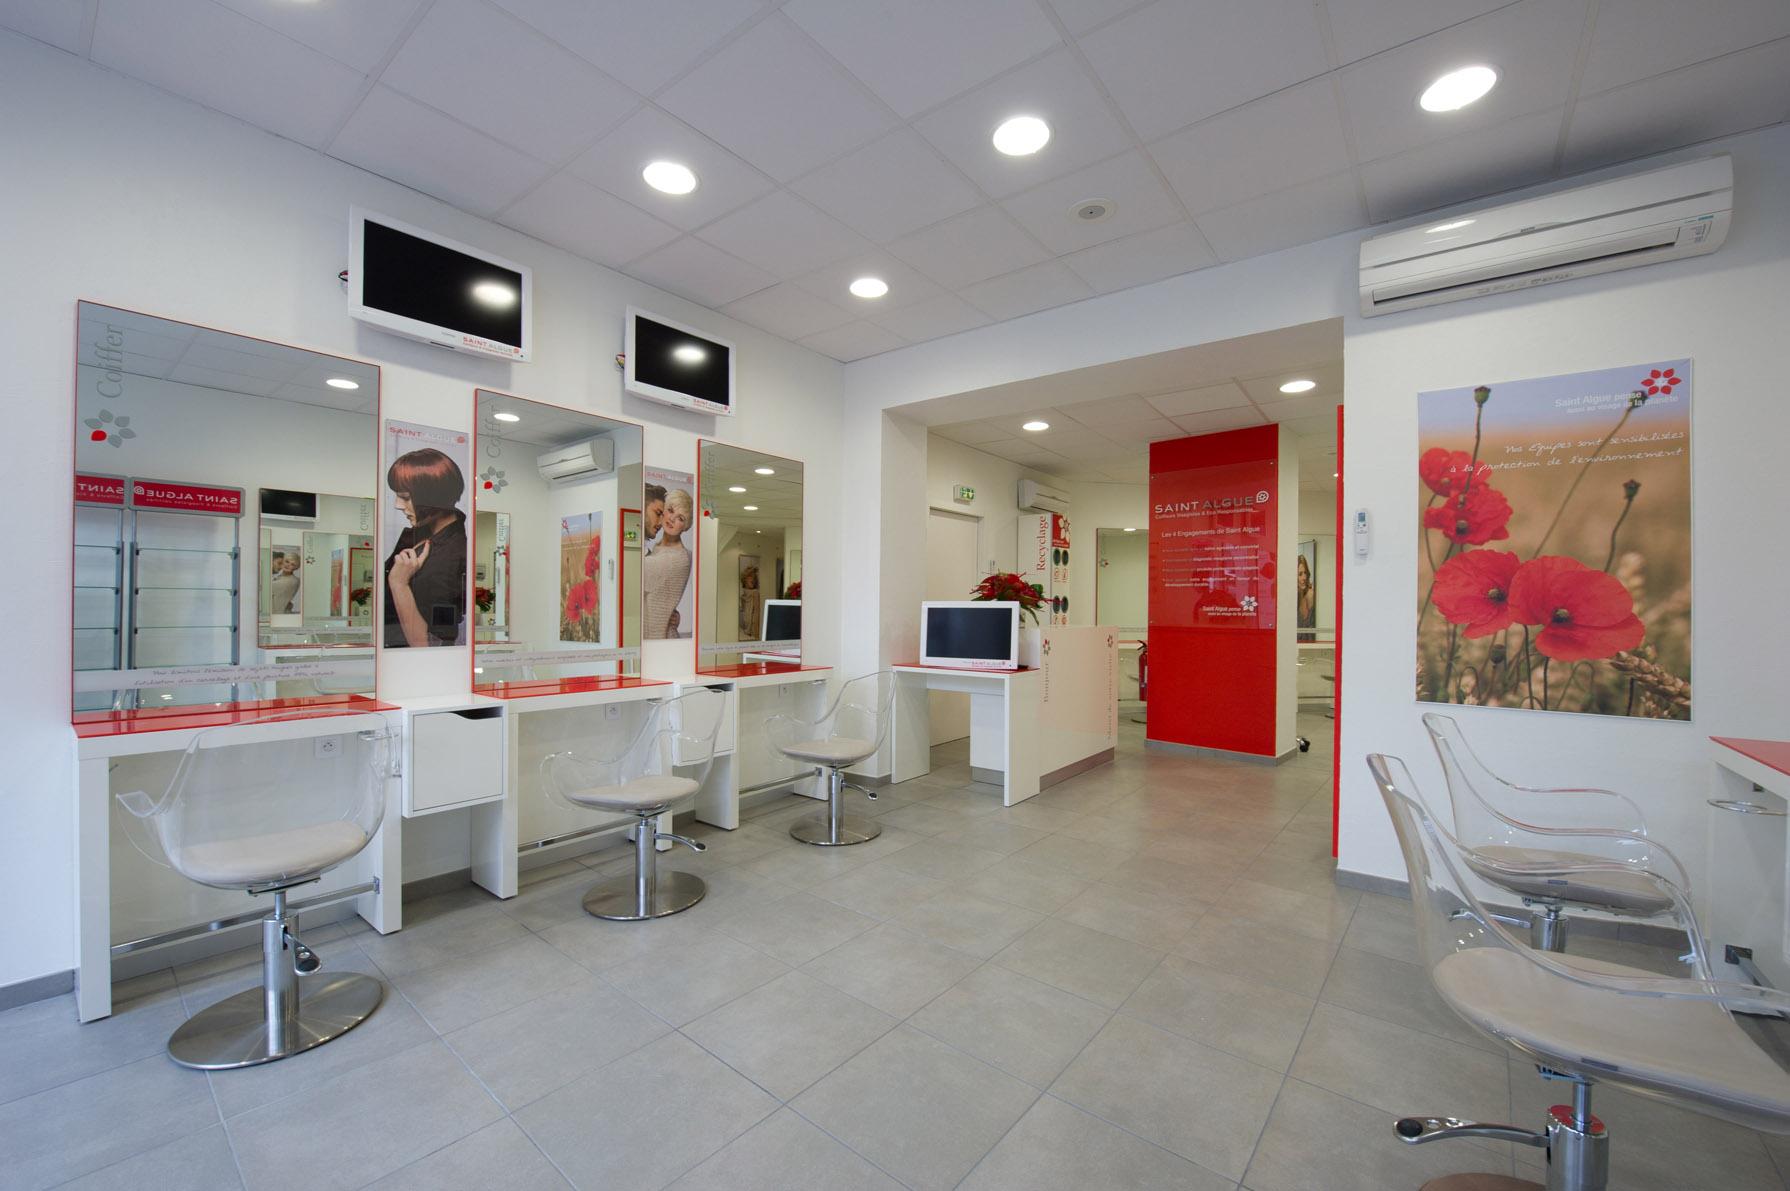 Saint algue - Salon de coiffure saint algue ...